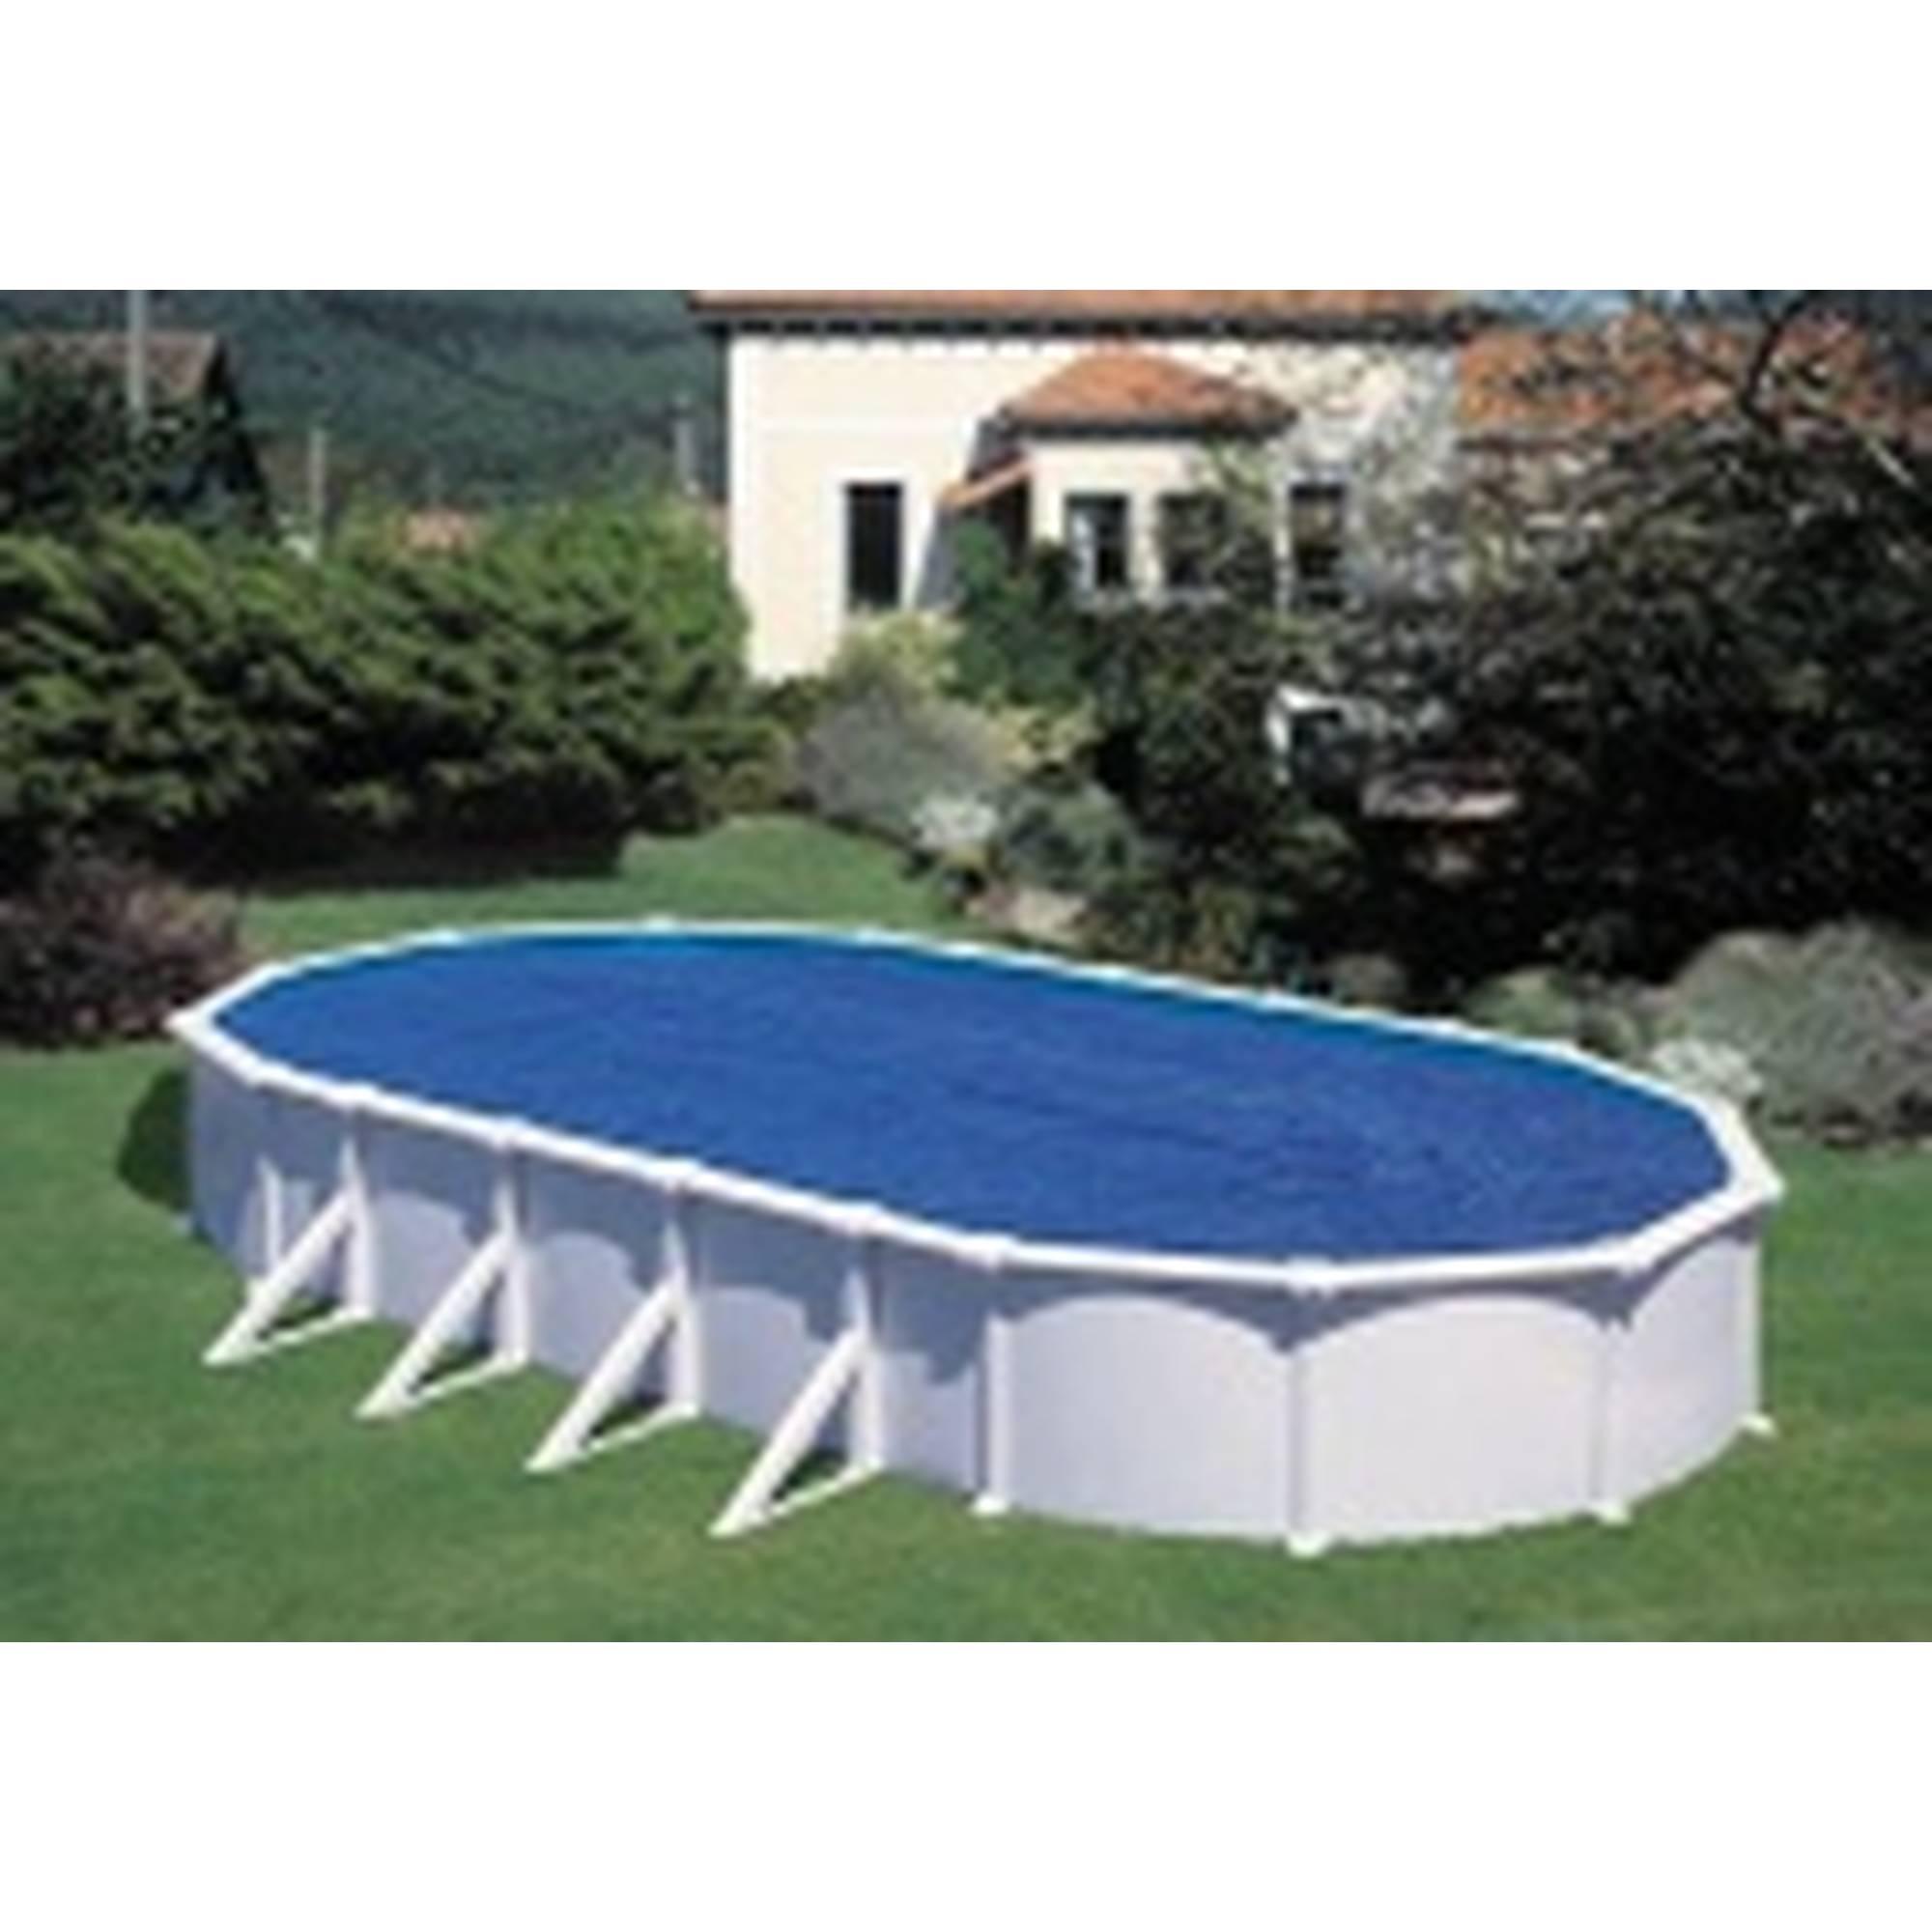 Extra-Solar-Abdeckung oval für Becken 525x320 cm, 230µ